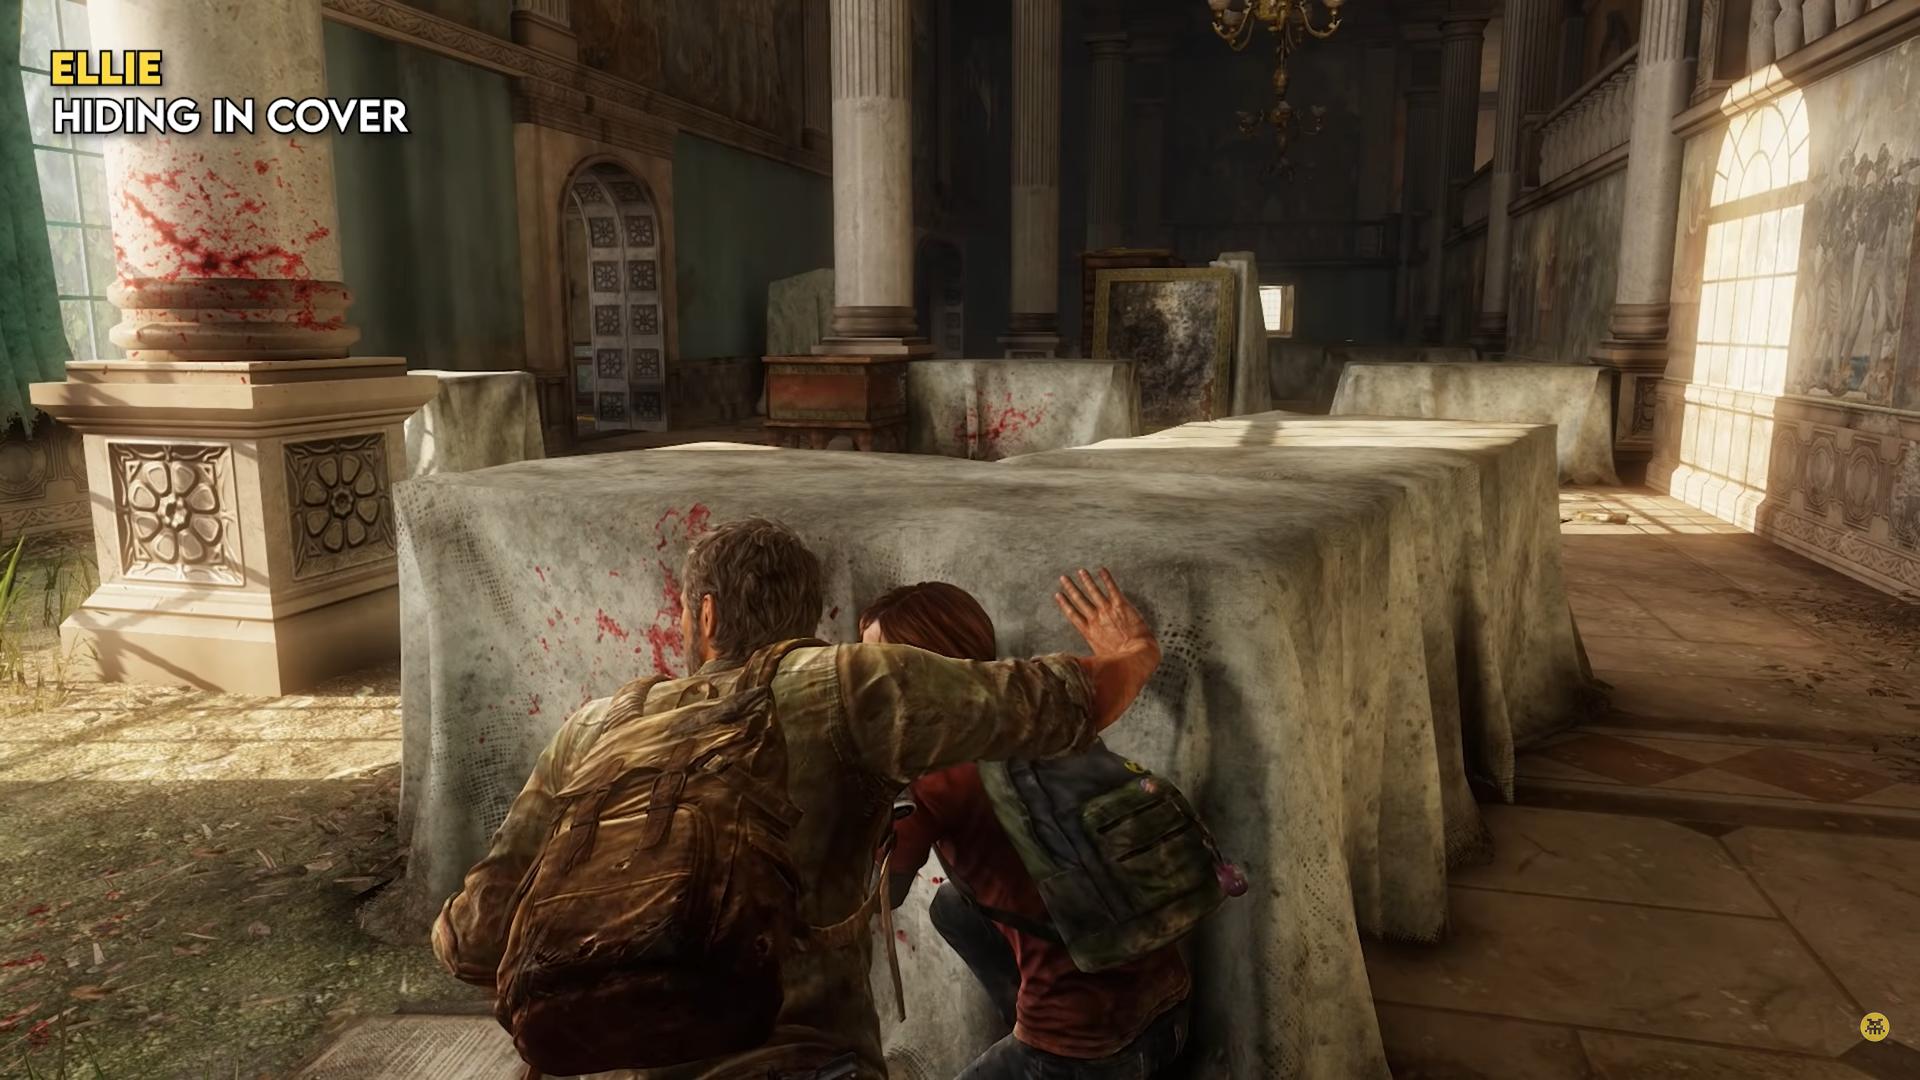 Охотники, щелкуны и Элли: как устроен игровой искусственный интеллект в The Last of Us - 17